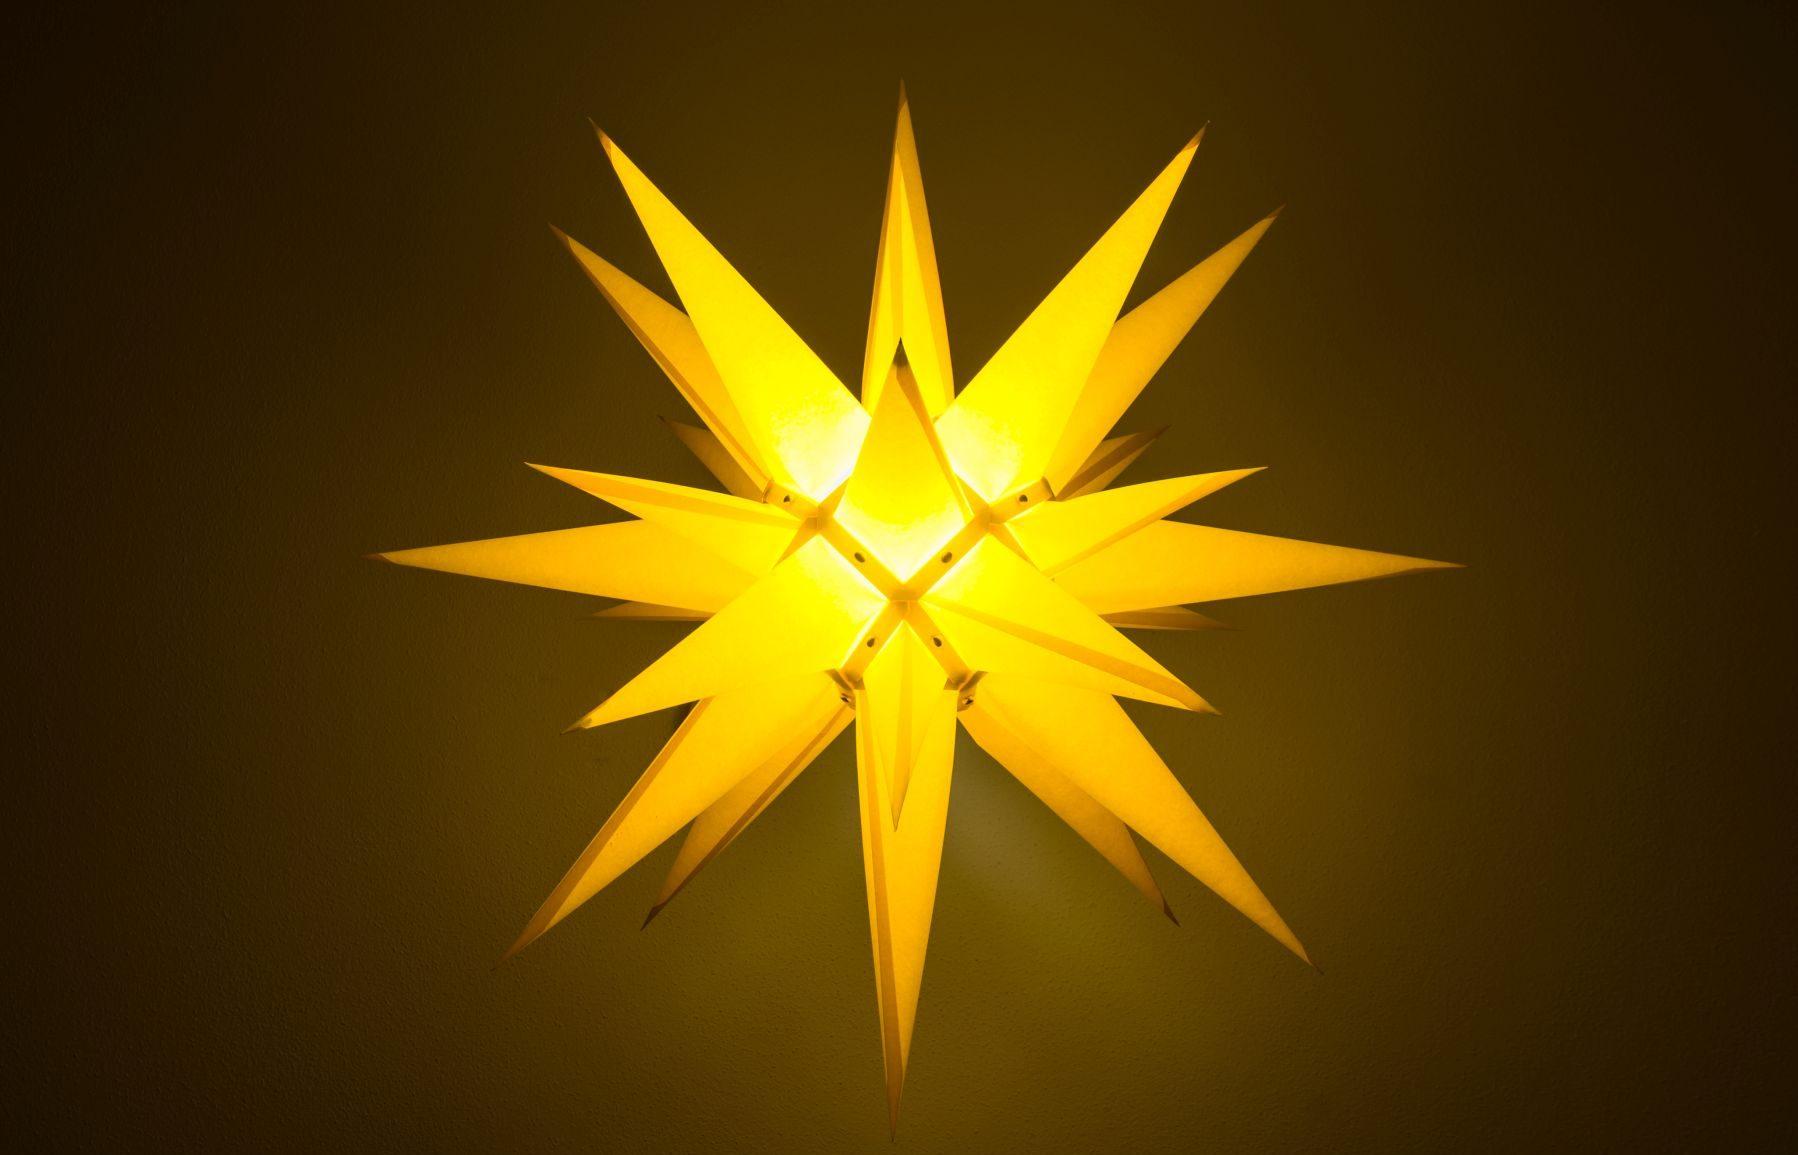 Herrnhuter Stern gelb